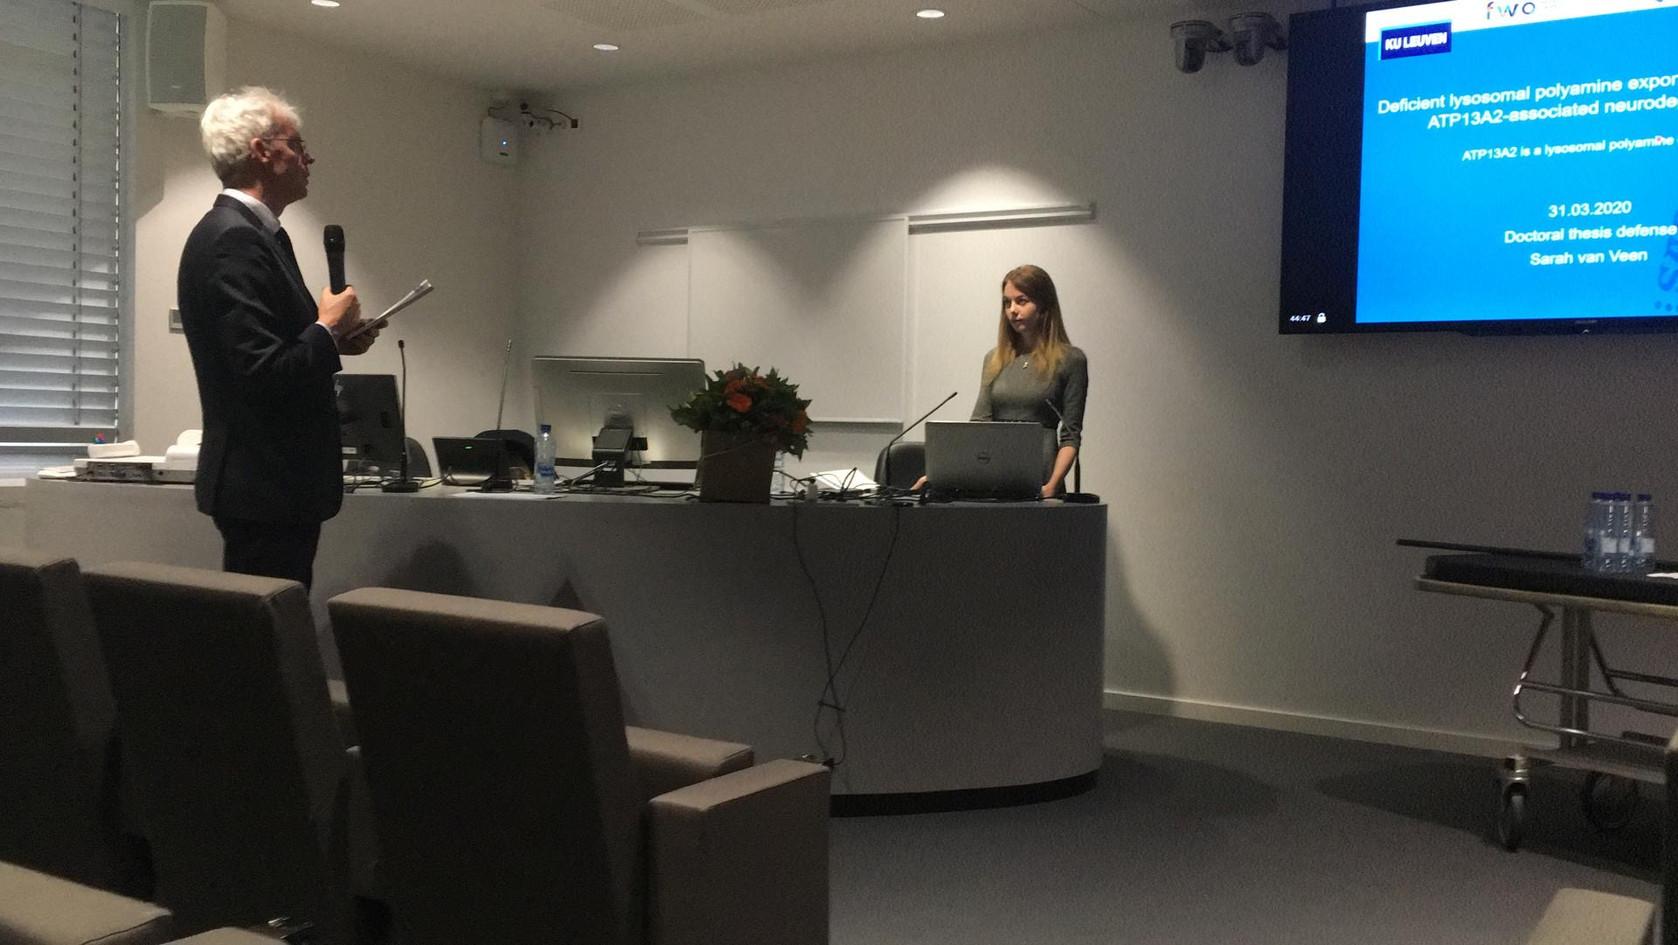 Dr. Sarah Van Veen